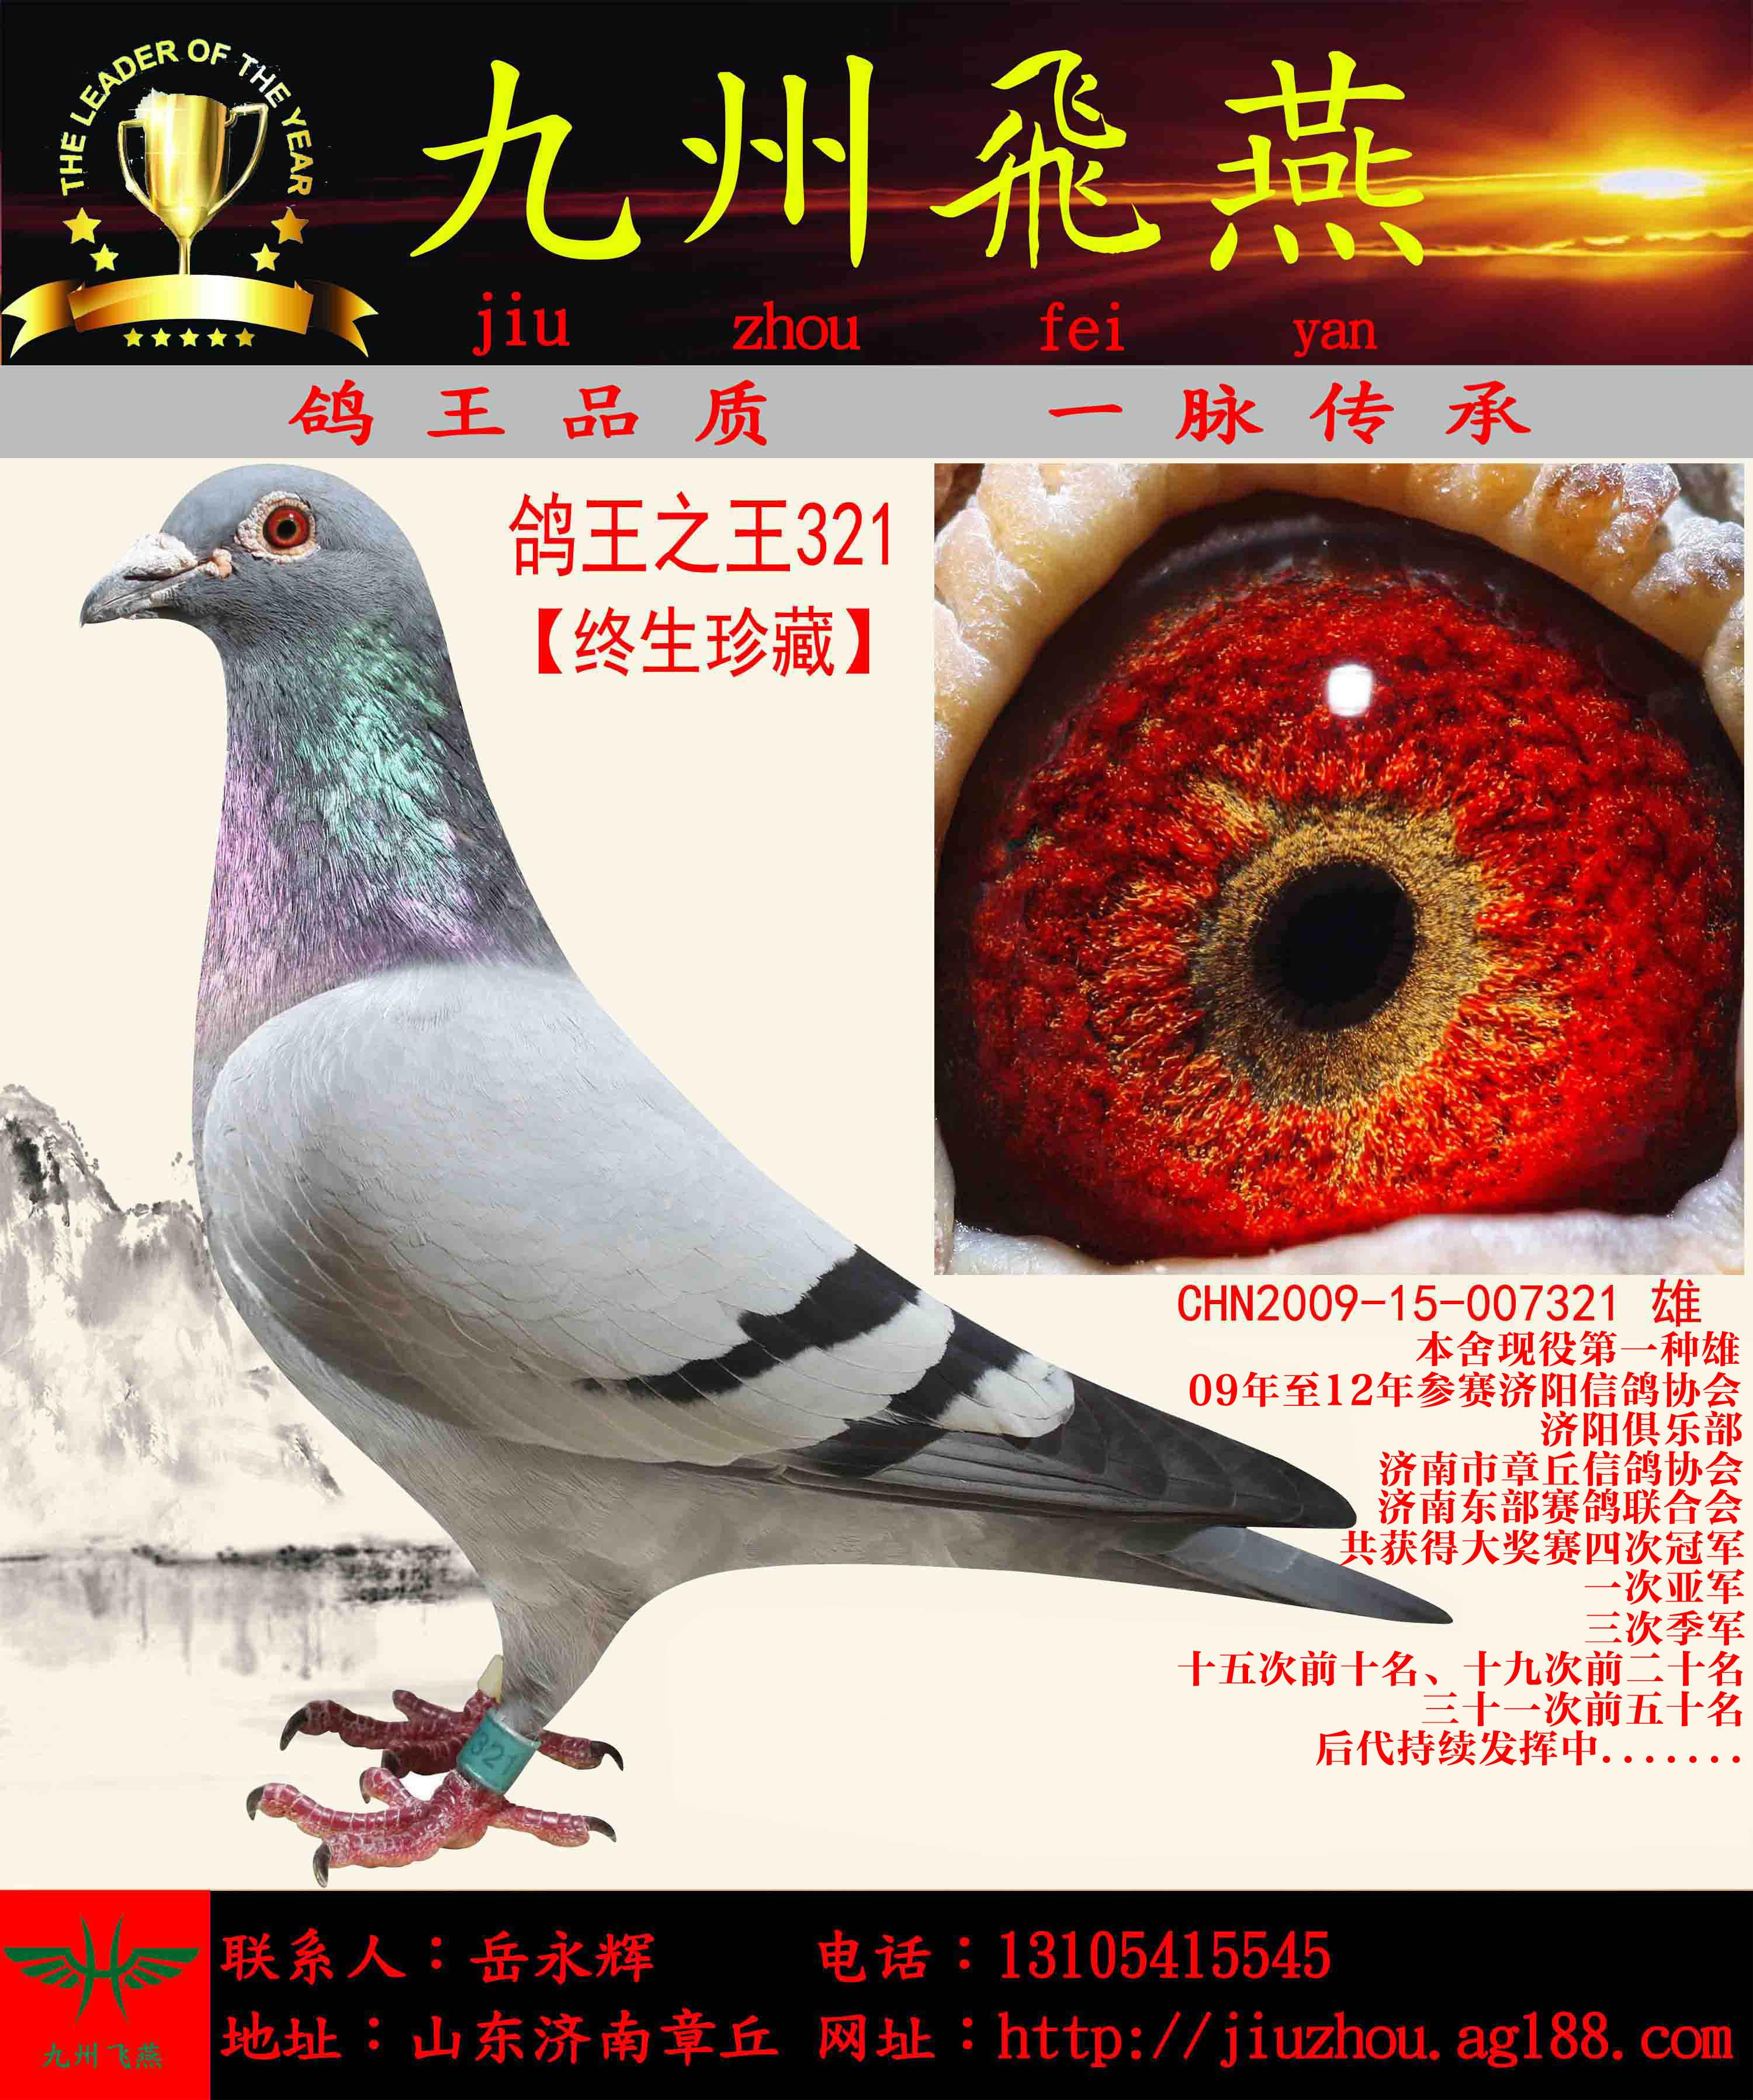 【鸽王之王321】仅供欣赏